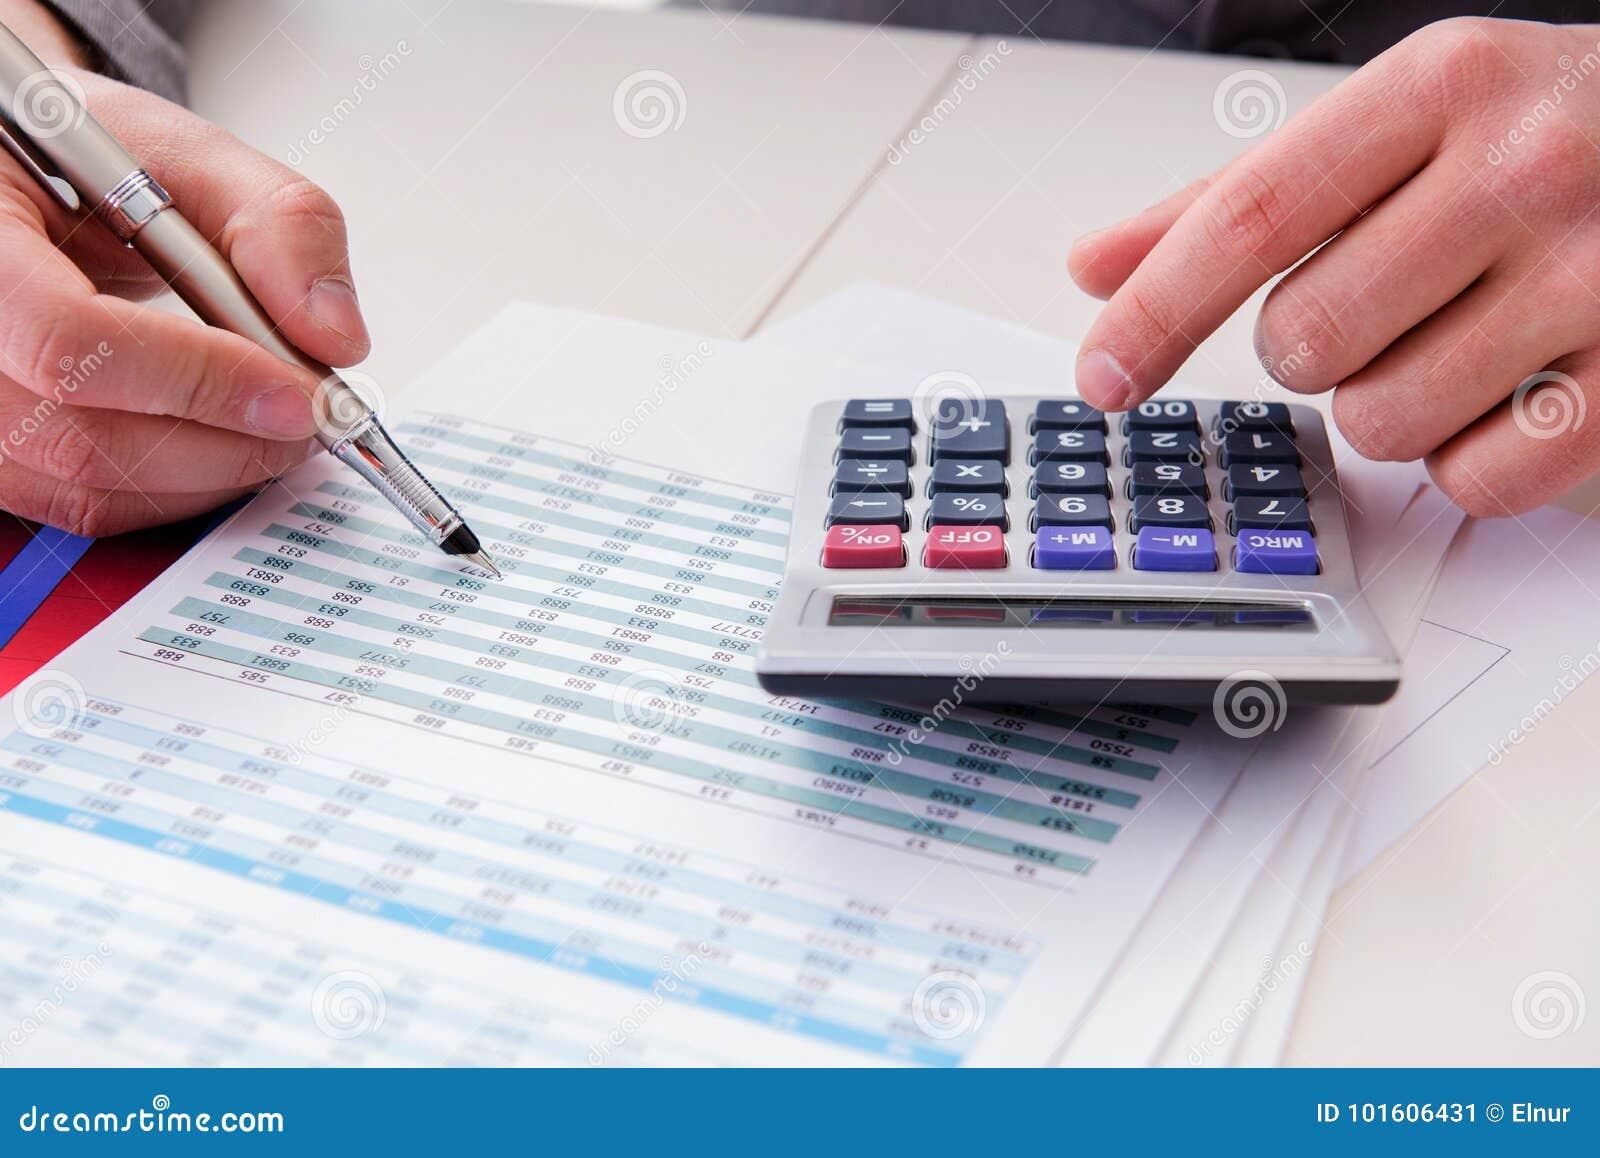 Κοίταγμα των αναλυτών χρηματοδότησης και οικονομικές εκθέσεις